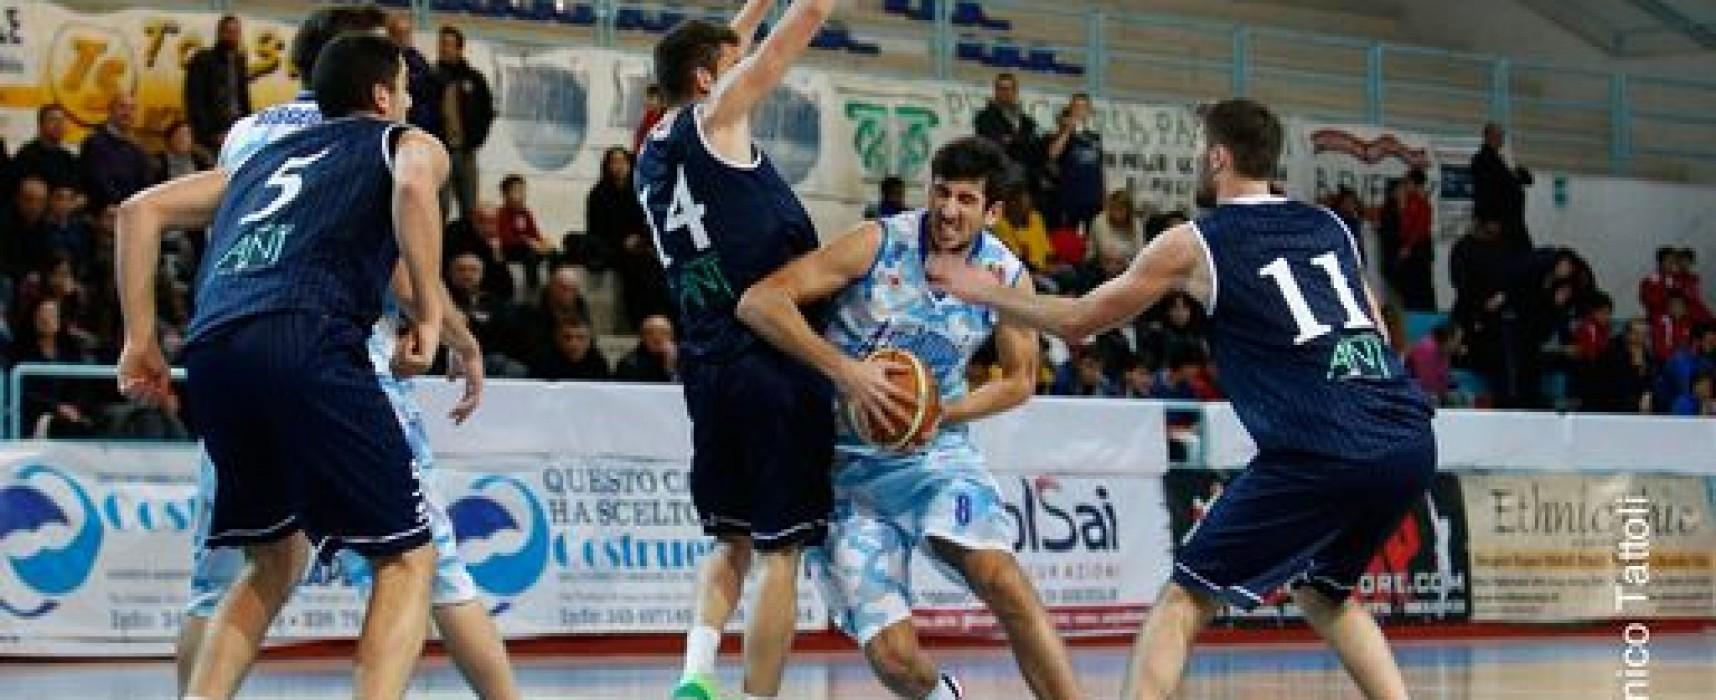 Ambrosia a caccia della quarta vittoria consecutiva, c'è Taranto da battere